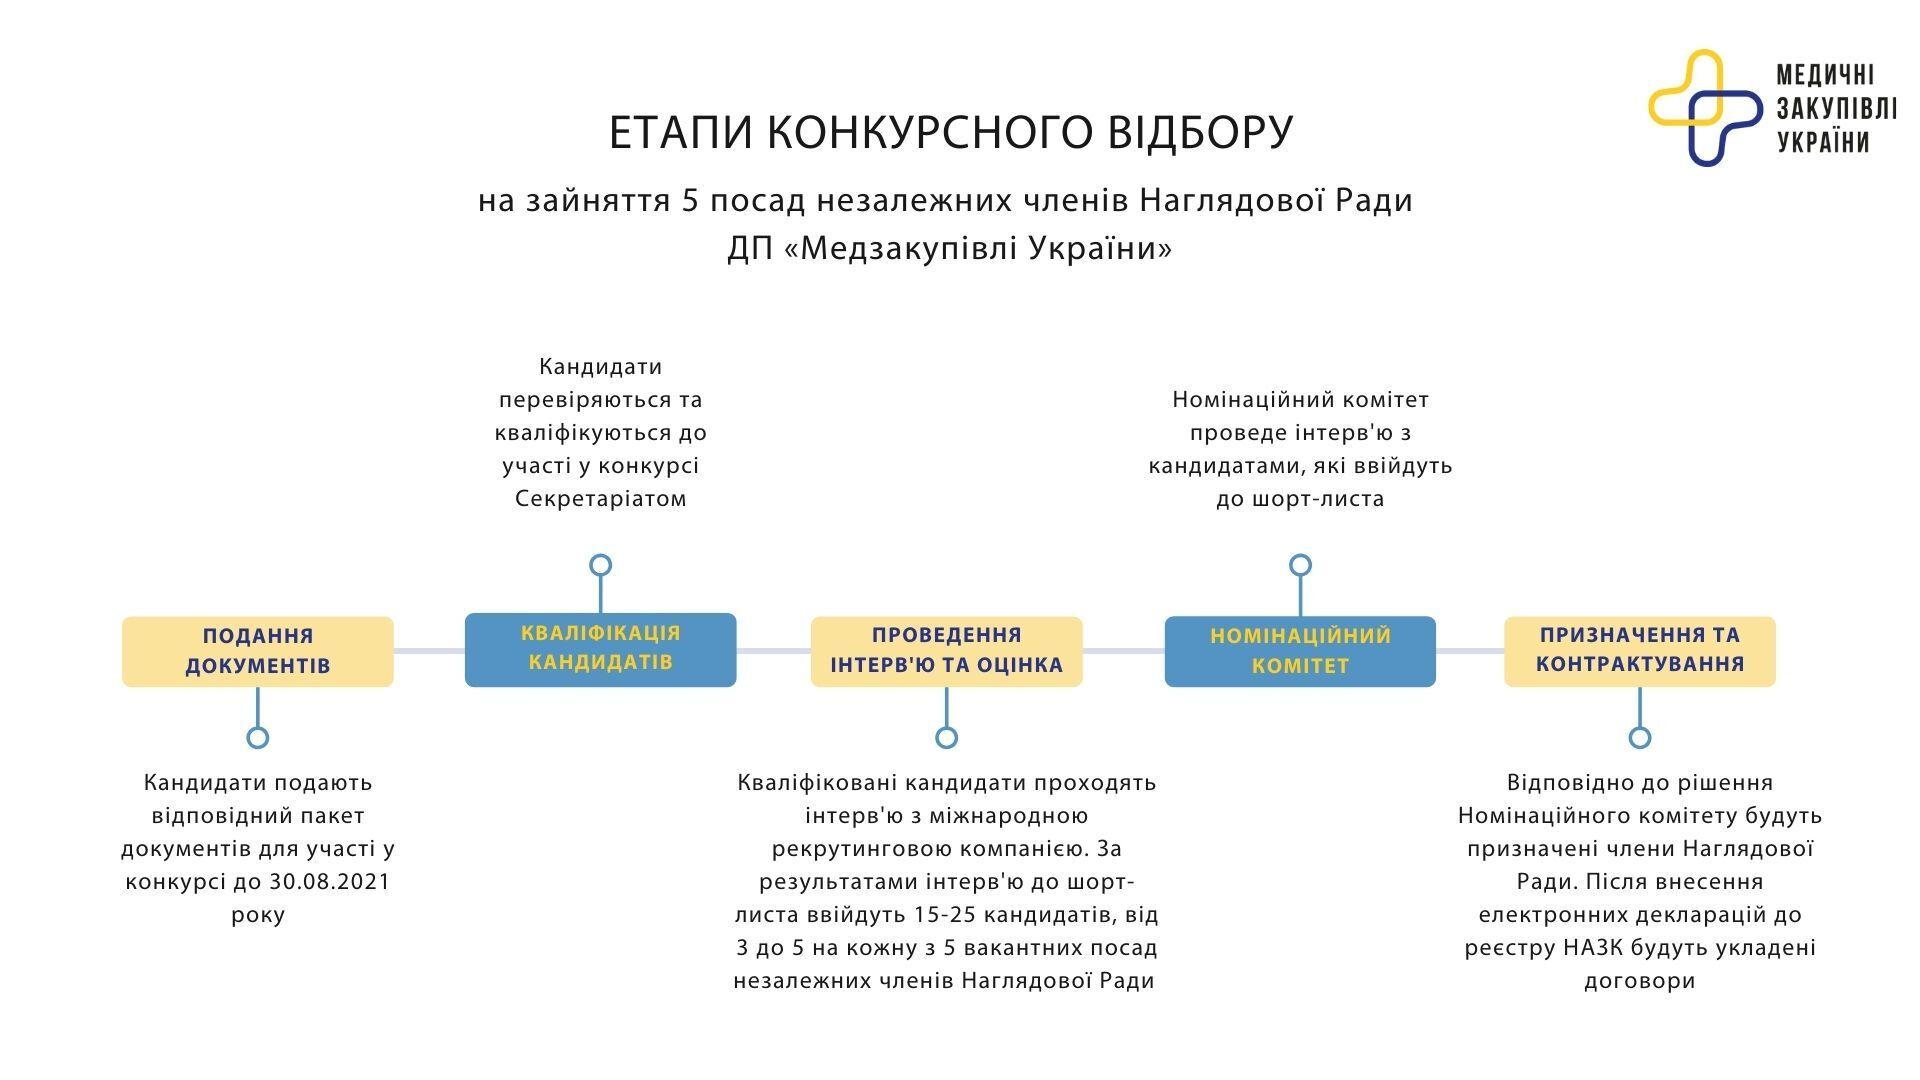 """""""Медзакупівлі України"""" оголошує набір на посади в Наглядовій раді"""